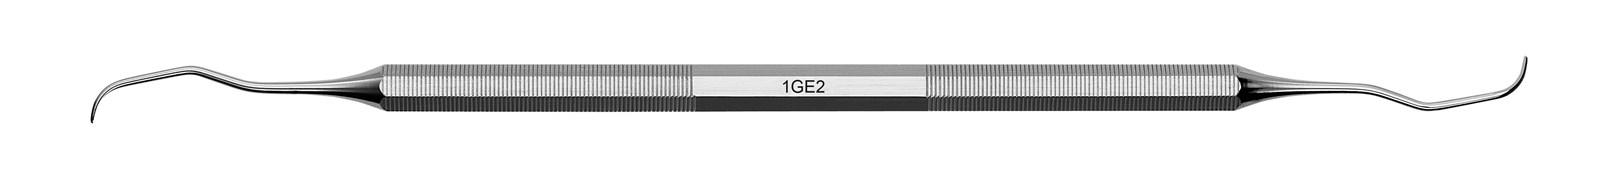 Kyreta Gracey Classic - 1GE2, ADEP silikonový návlek světle modrý